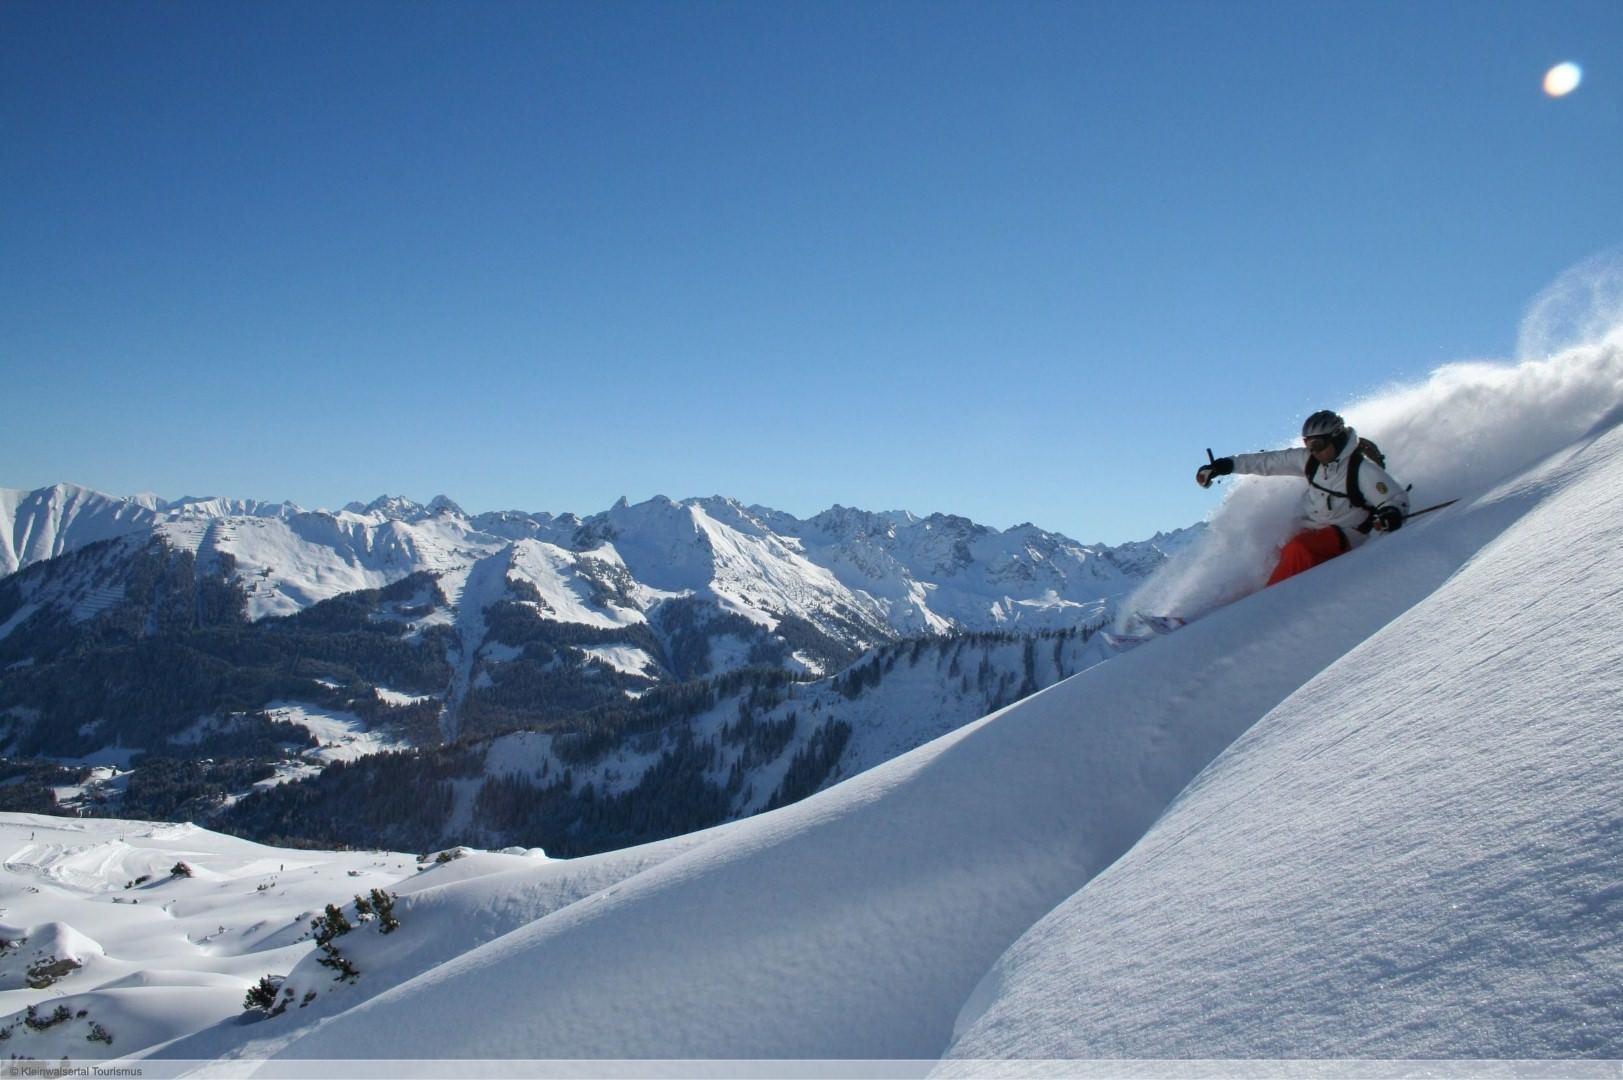 Skiurlaub 2019 Weihnachten.Skireisen Deutschland 2019 2020 Skiurlaub Deutschland